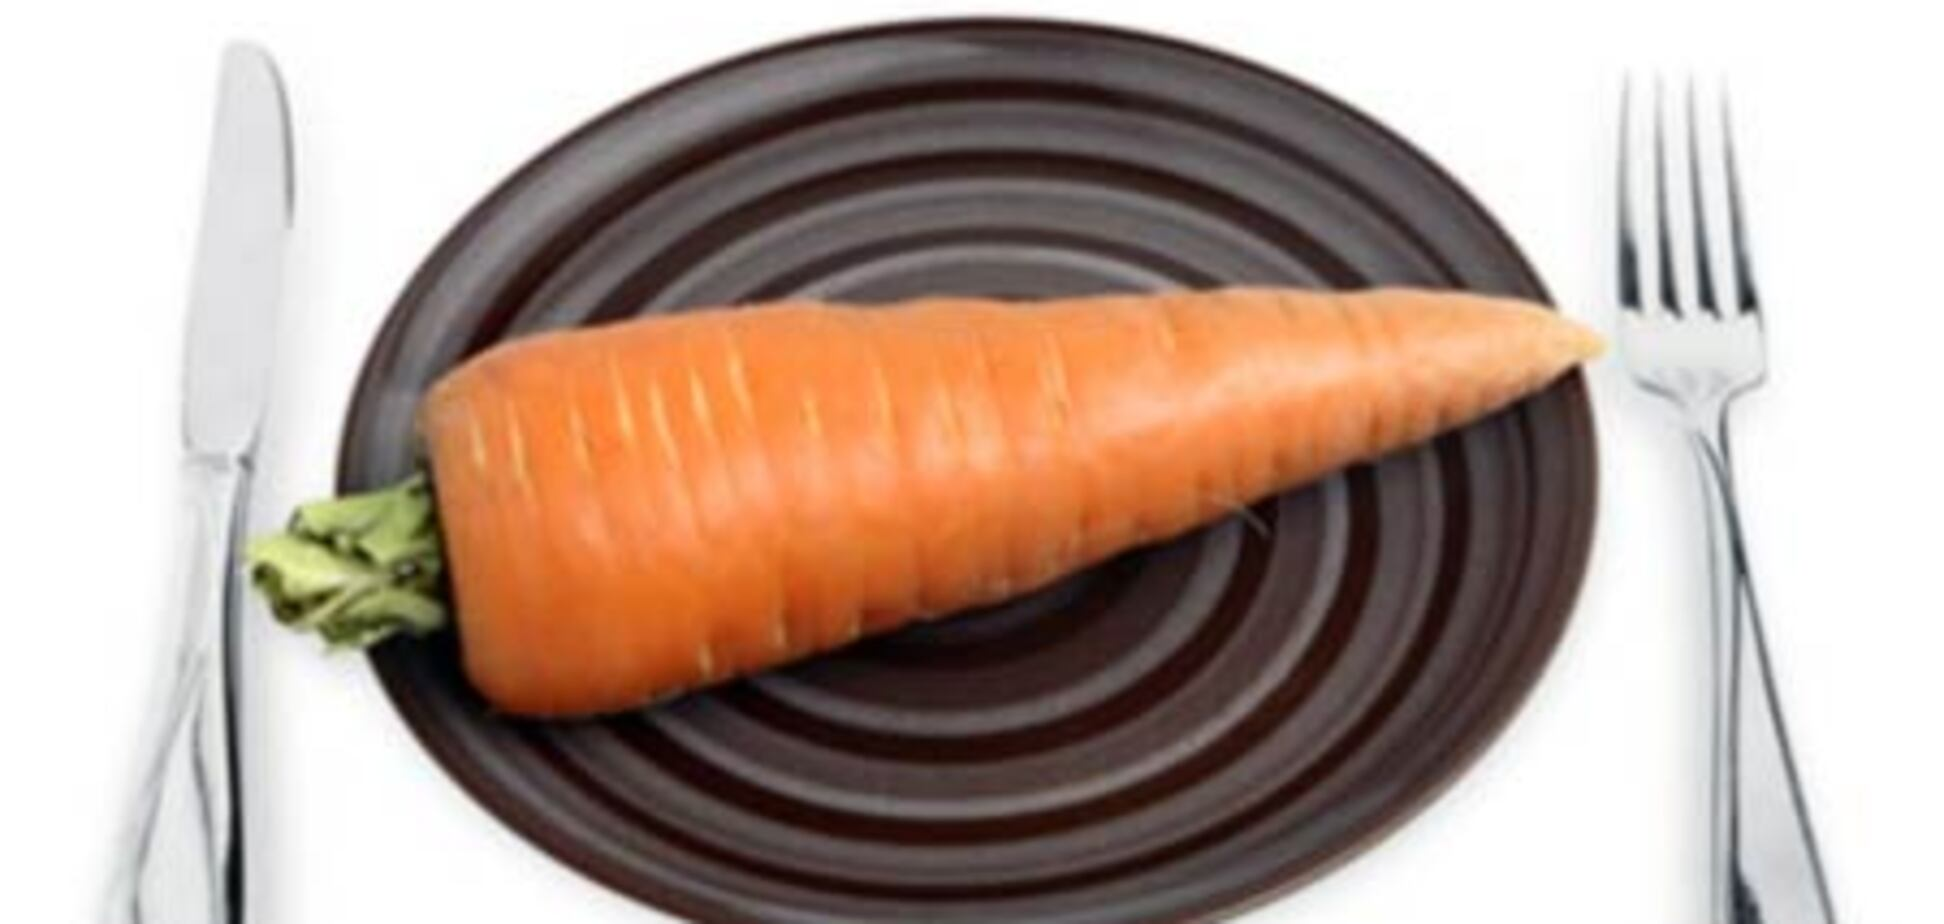 Открыт лучший способ варки моркови